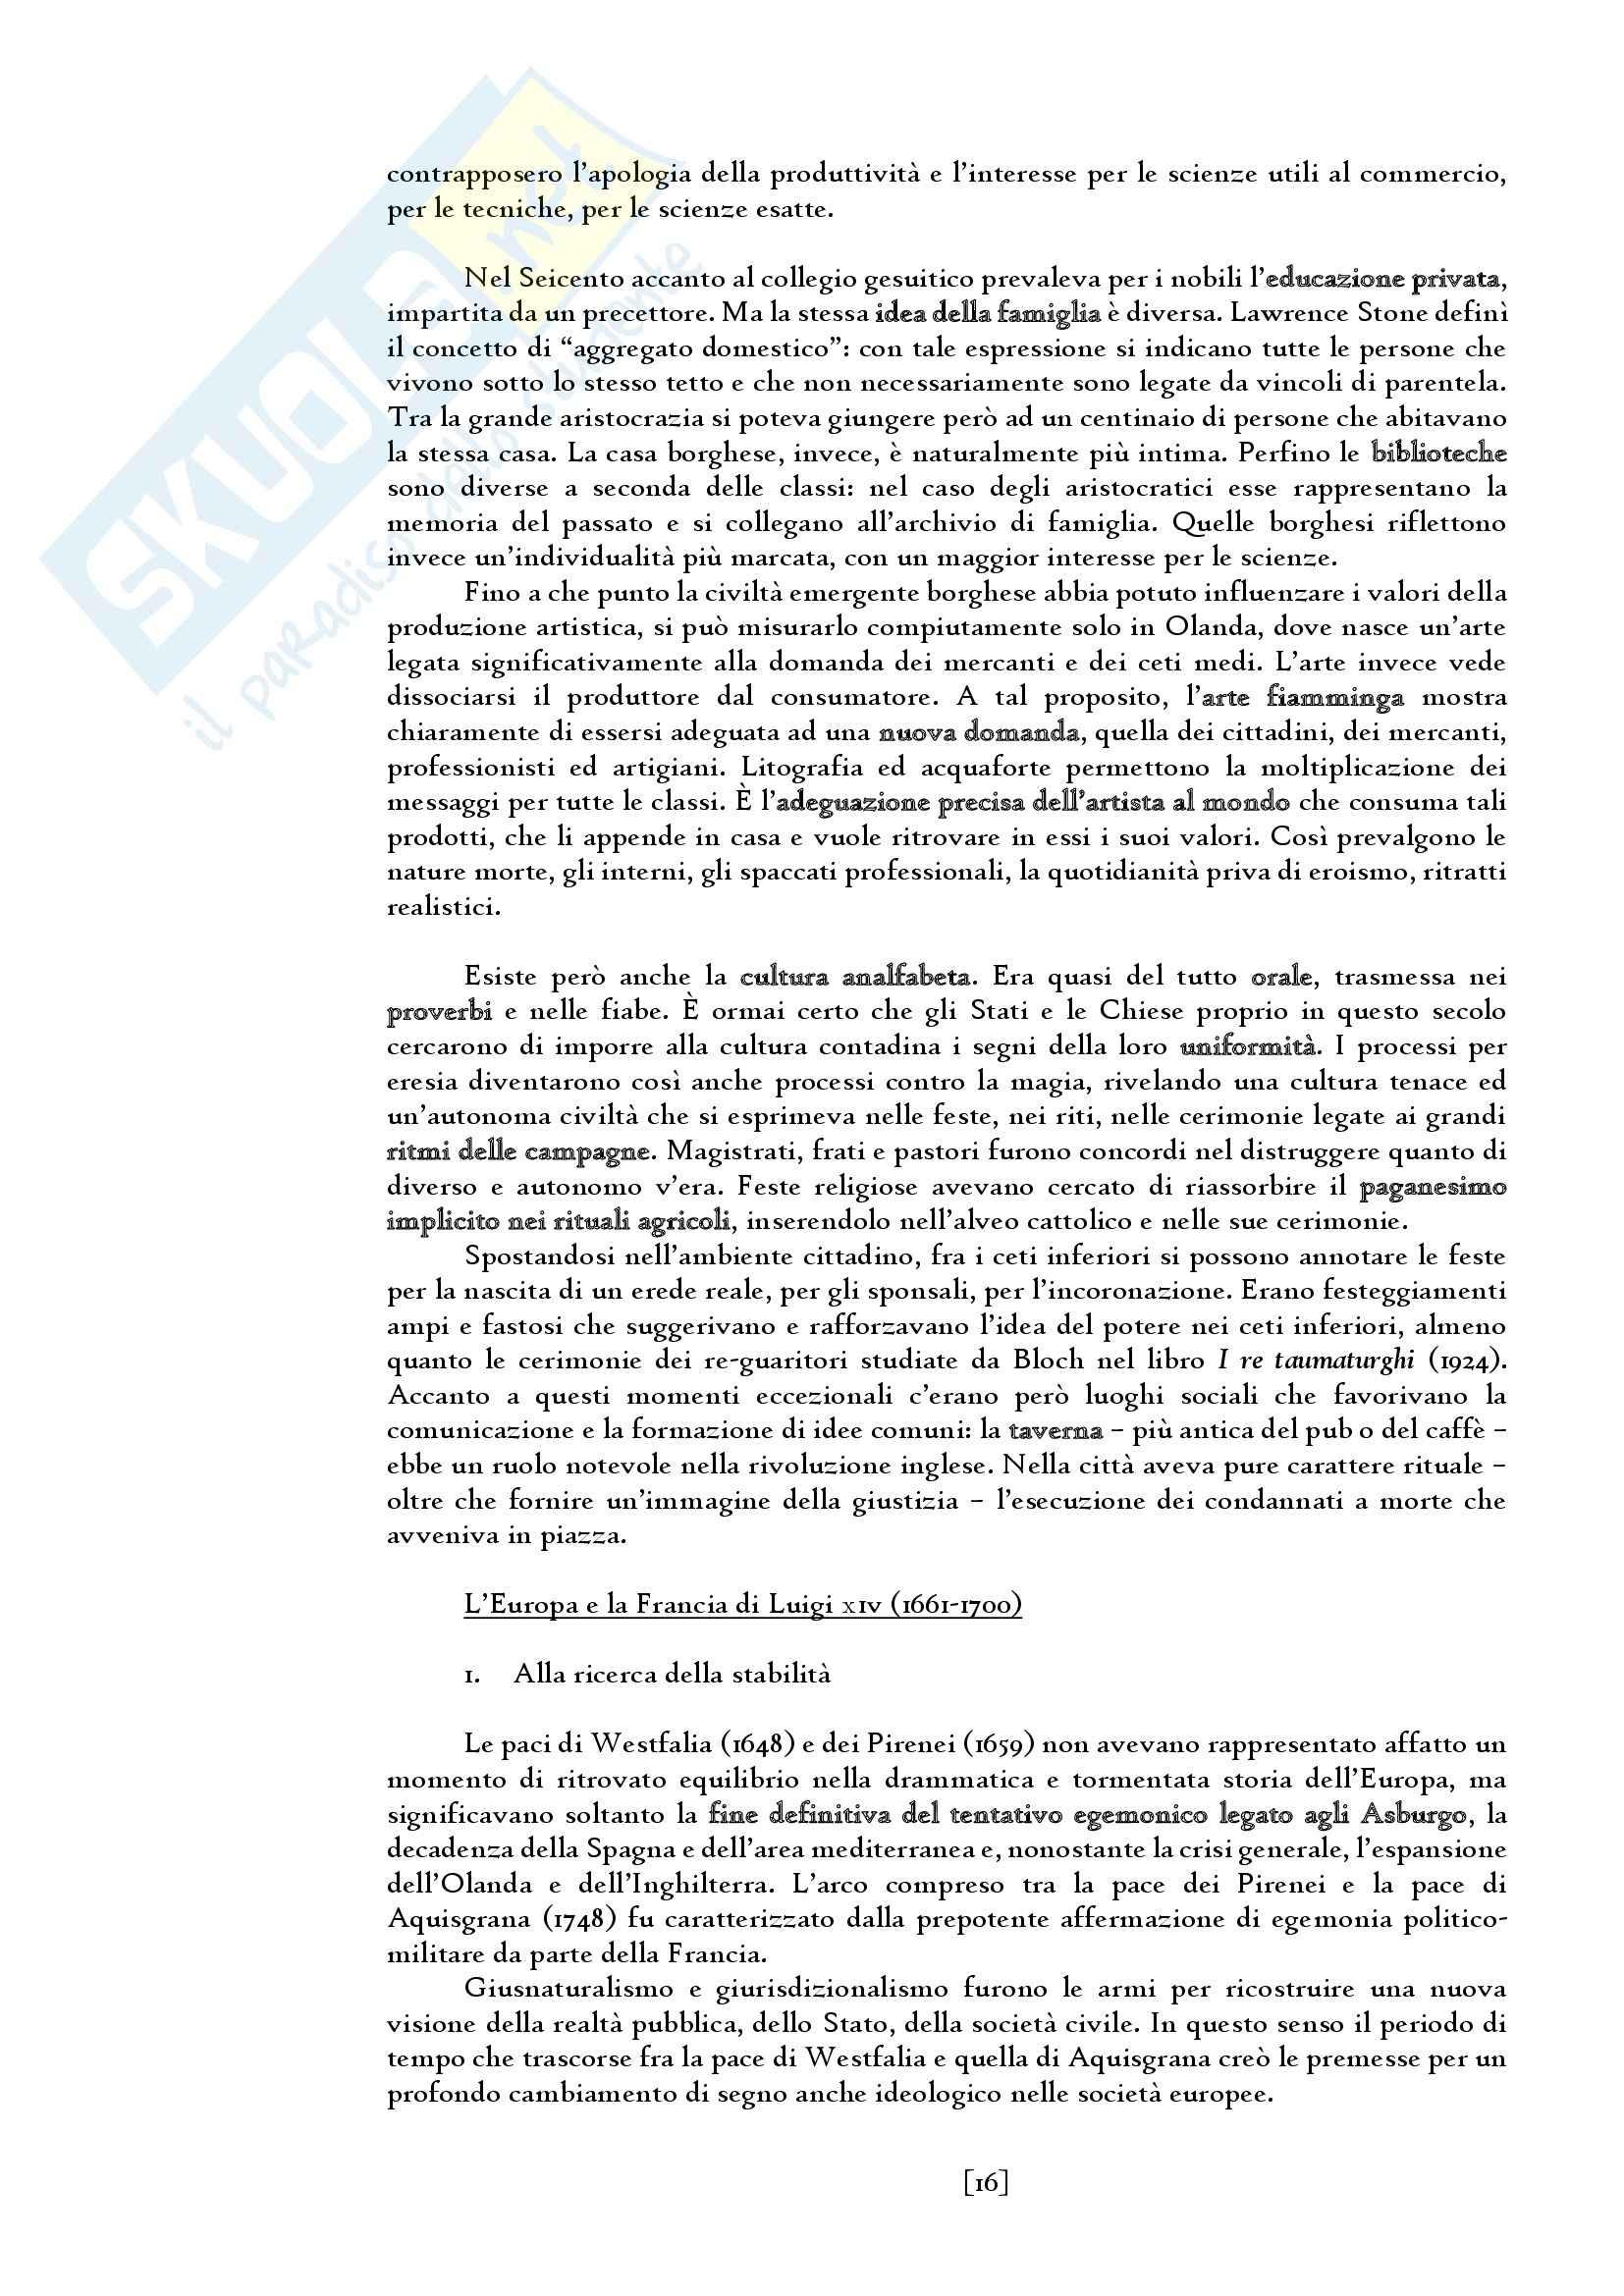 Riassunto esame del Manuale di storia moderna. L' età moderna (1660-1815) di Ricuperati, Ieva, prof. Carpanetto Pag. 16